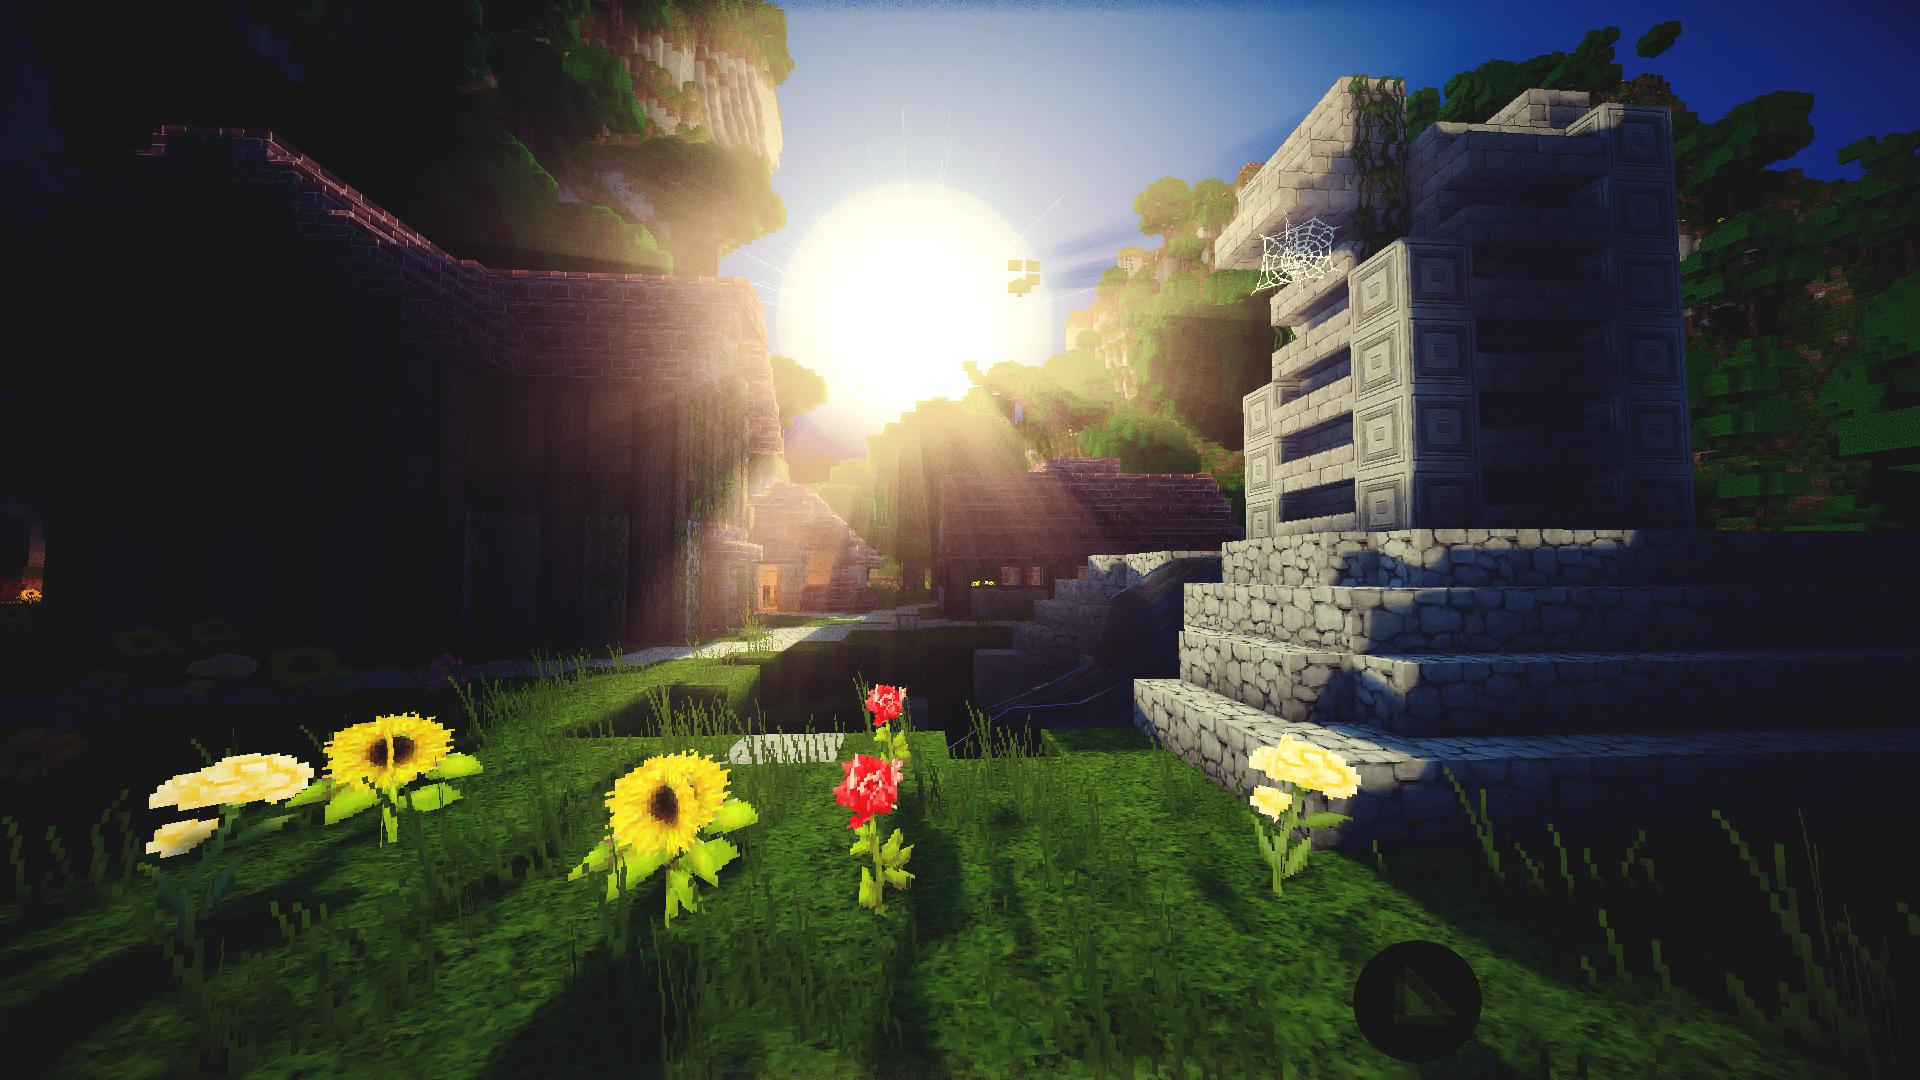 Minecraft Epic Ruine 2 by lpzdesign 1920x1080